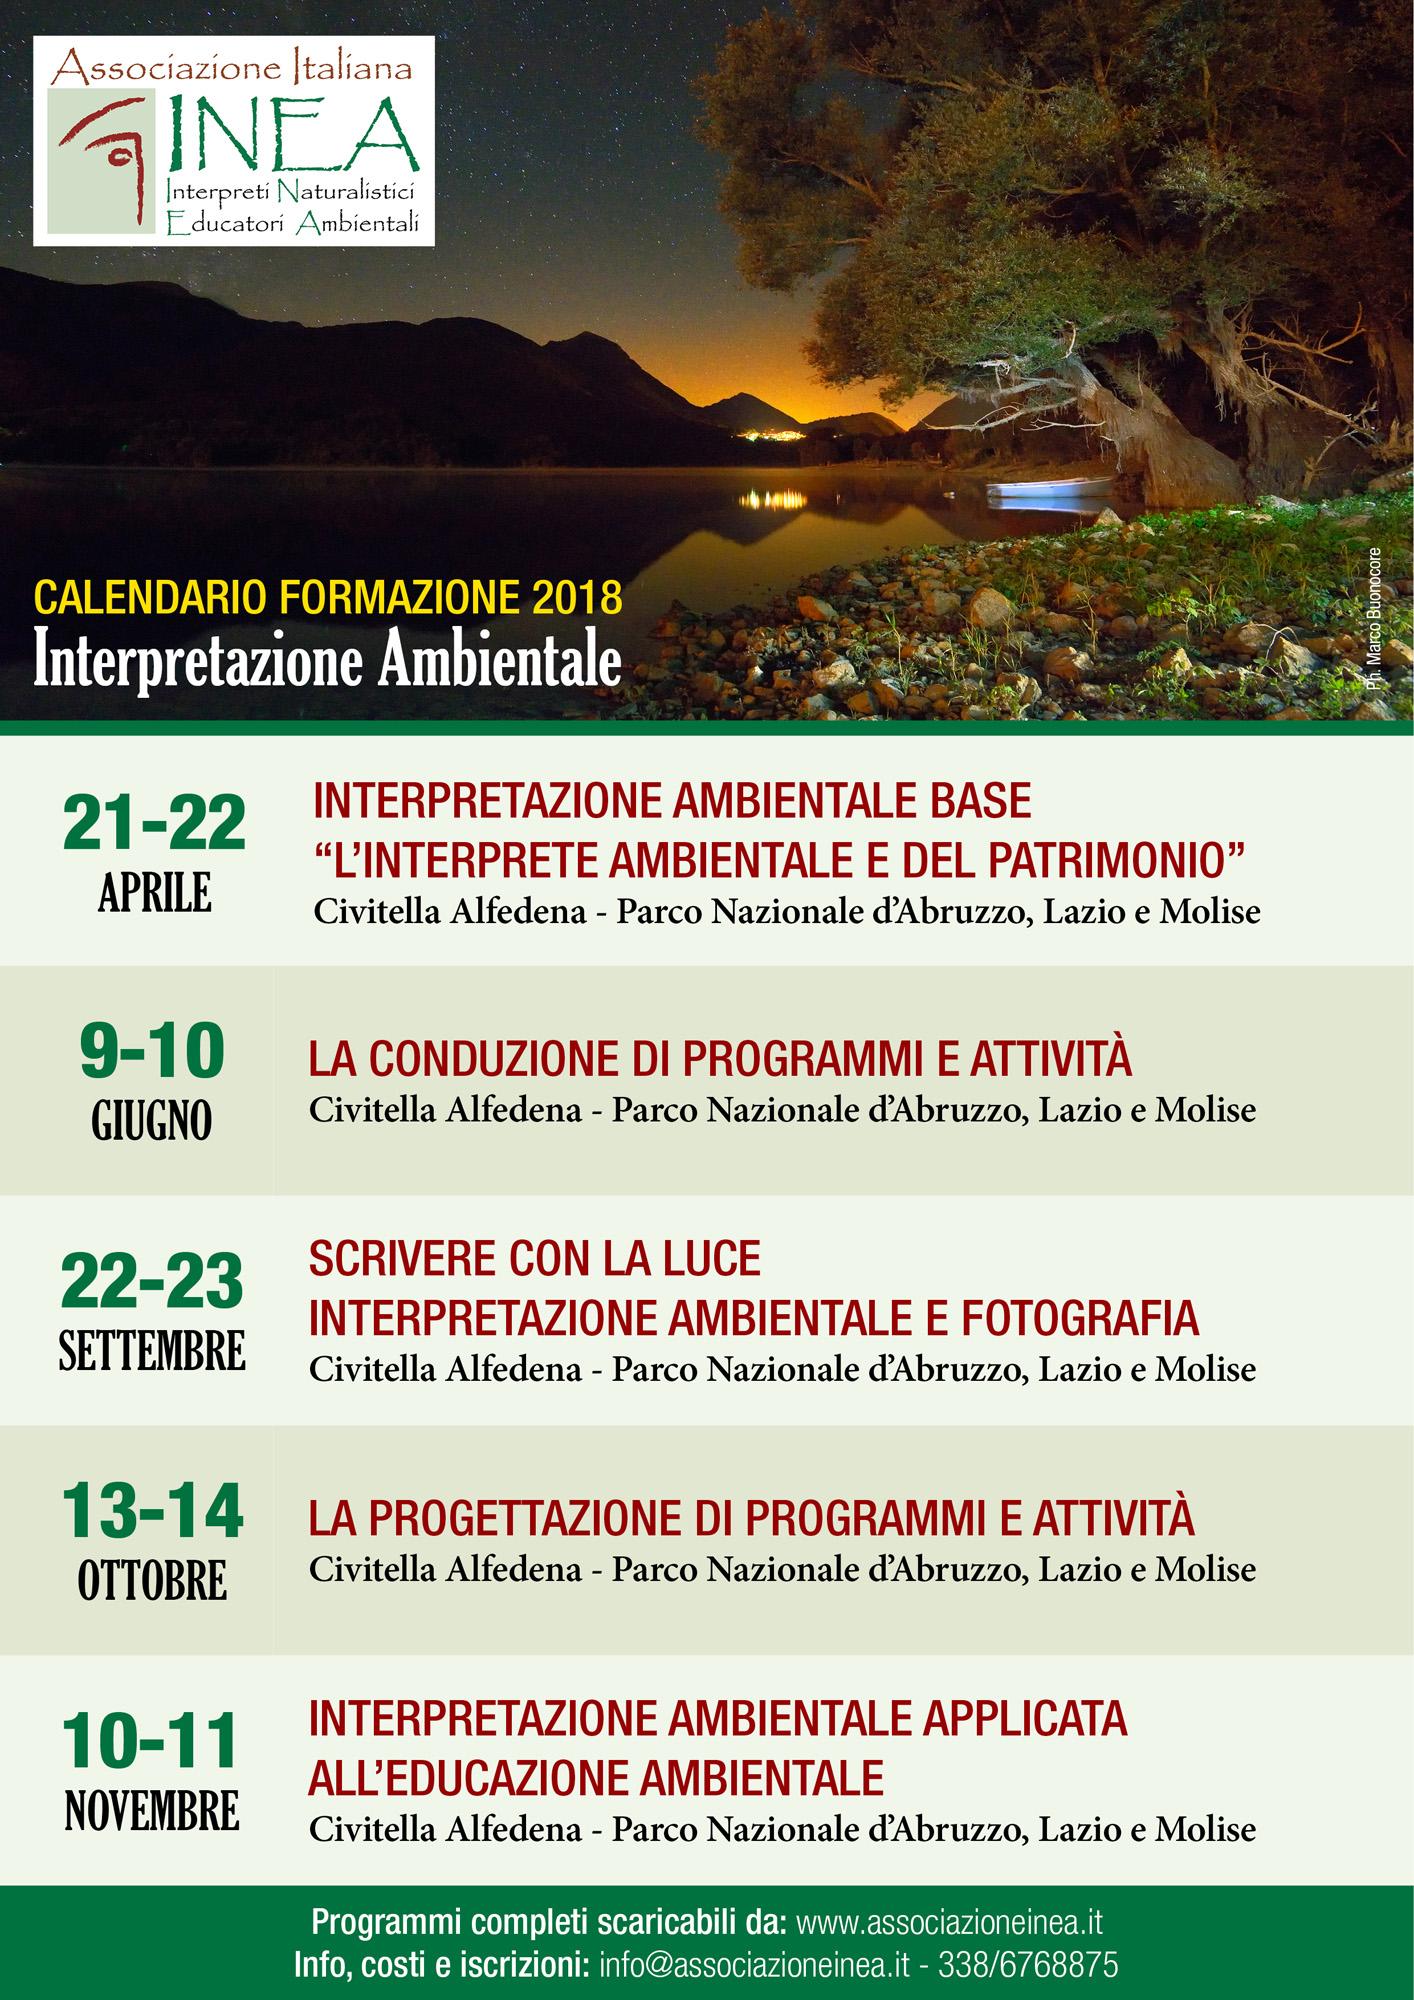 CALENDARIO FORMAZIONE 2017